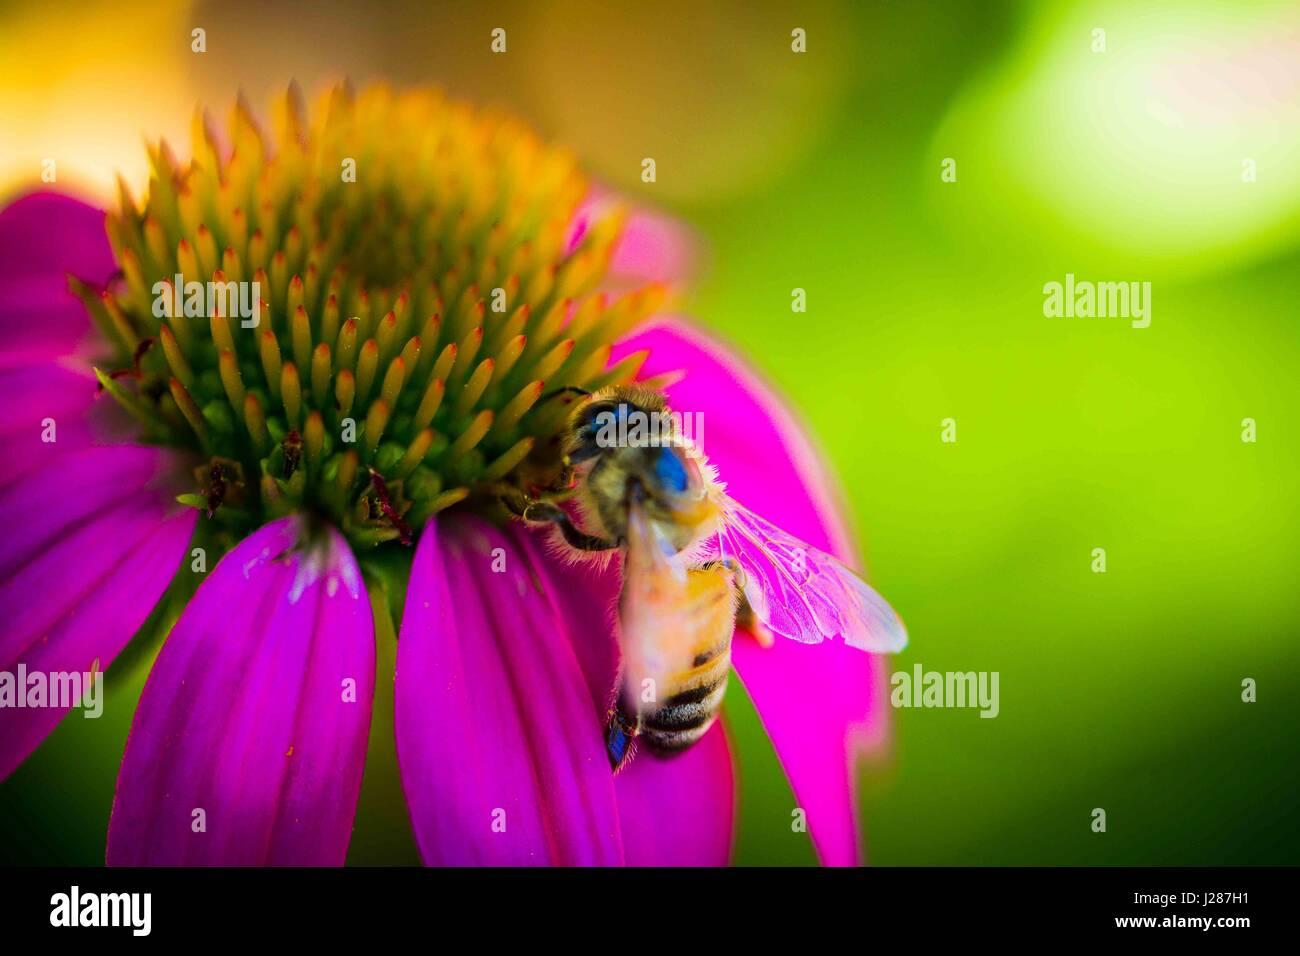 Regular Honey bees in the garden - Stock Image